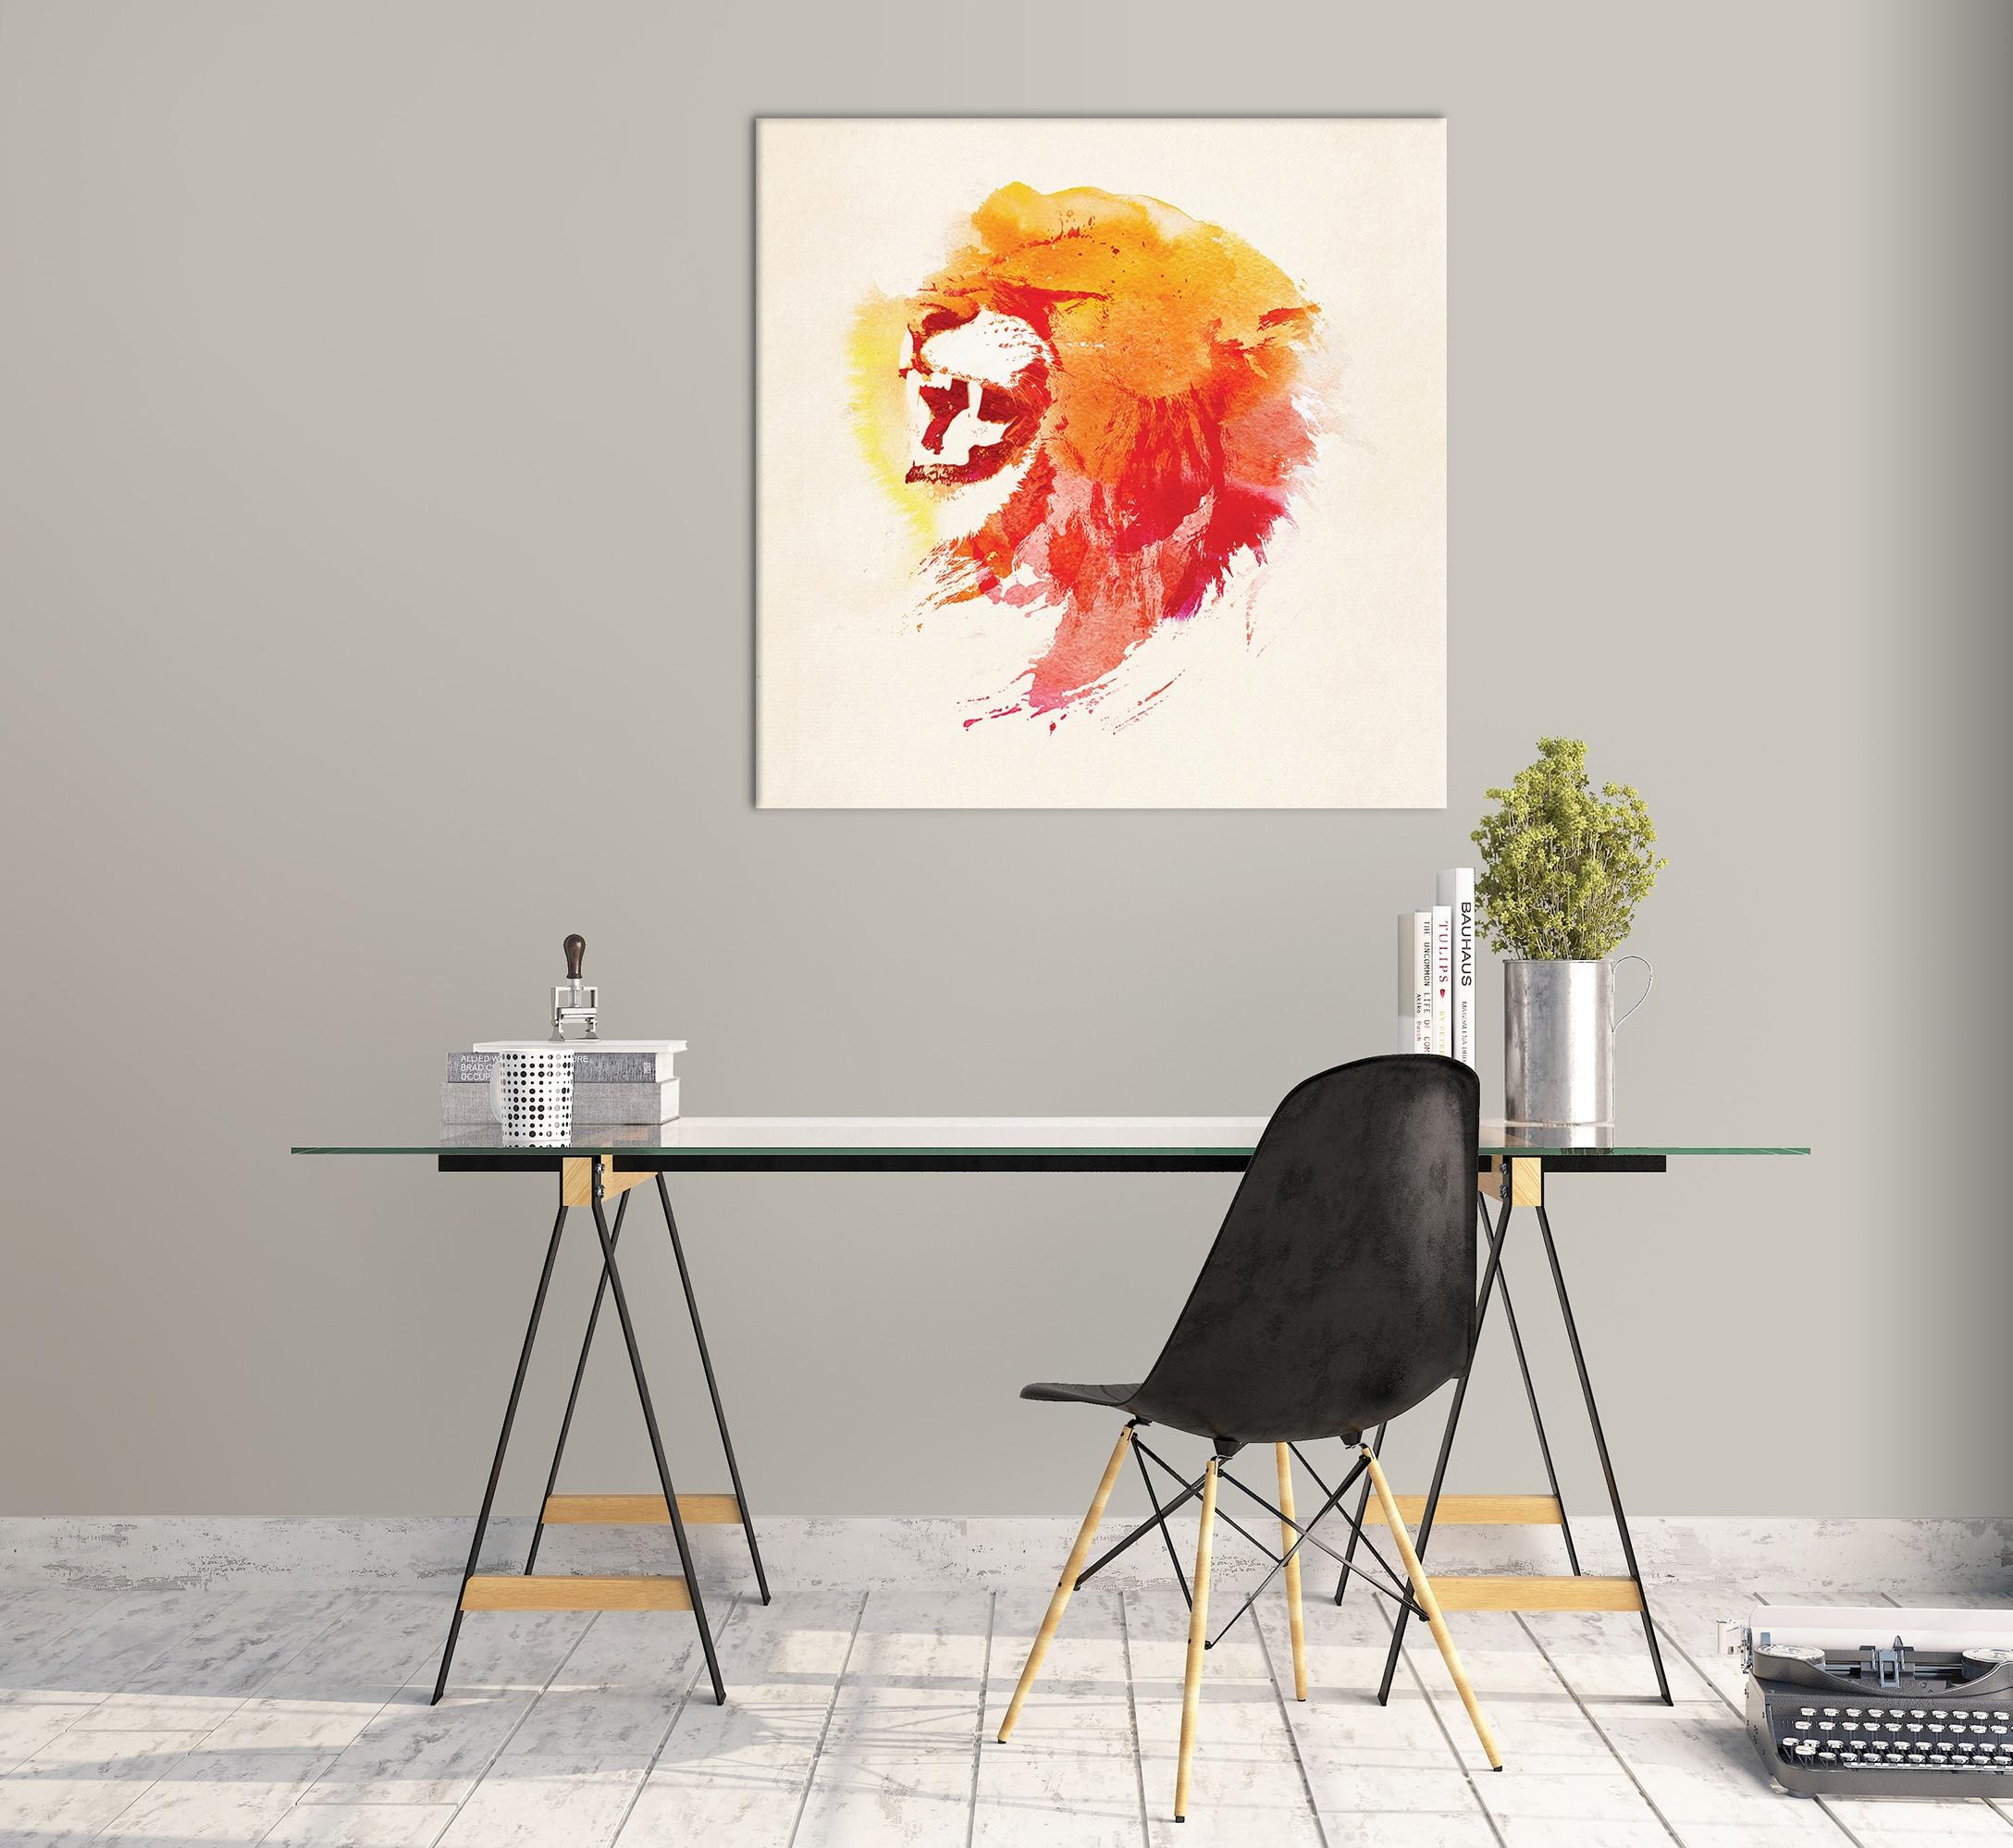 Abstrakte Bär mit Berg Wand Kunst Dekor Leinwand Malerei Küche Drucke Bilder für Haus Wohnzimmer Esszimmer - 3